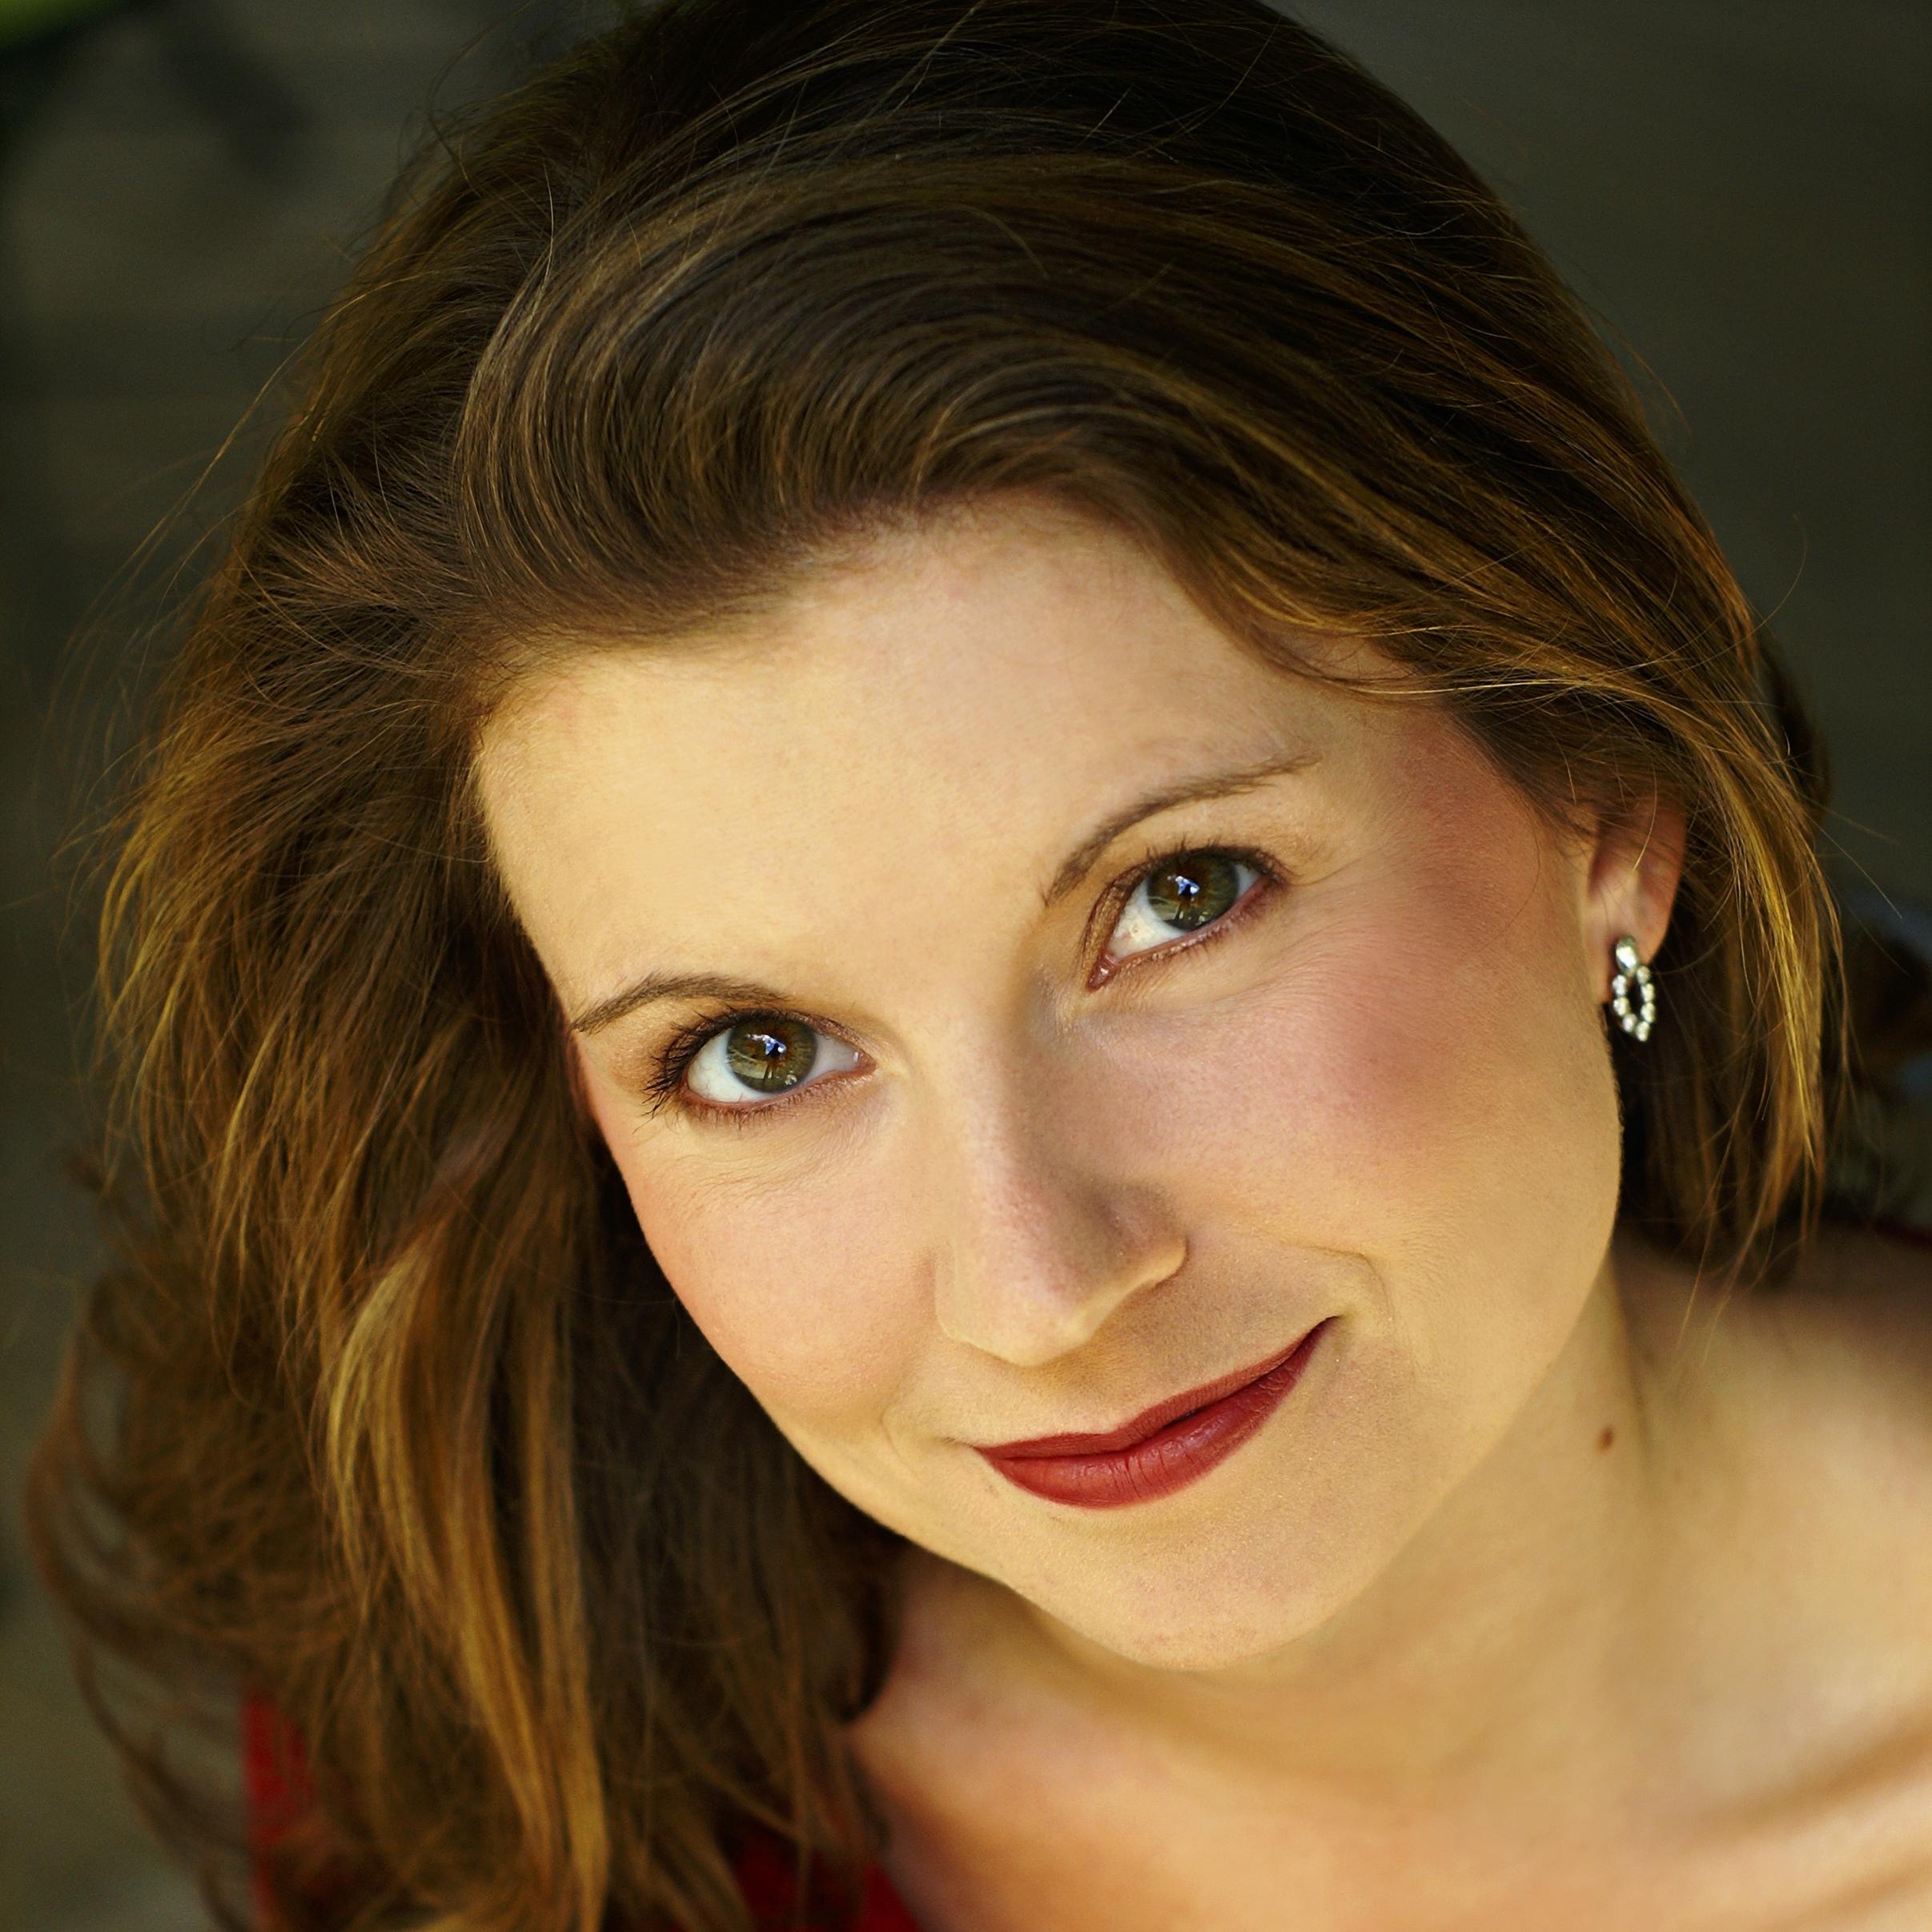 Amanda Crider